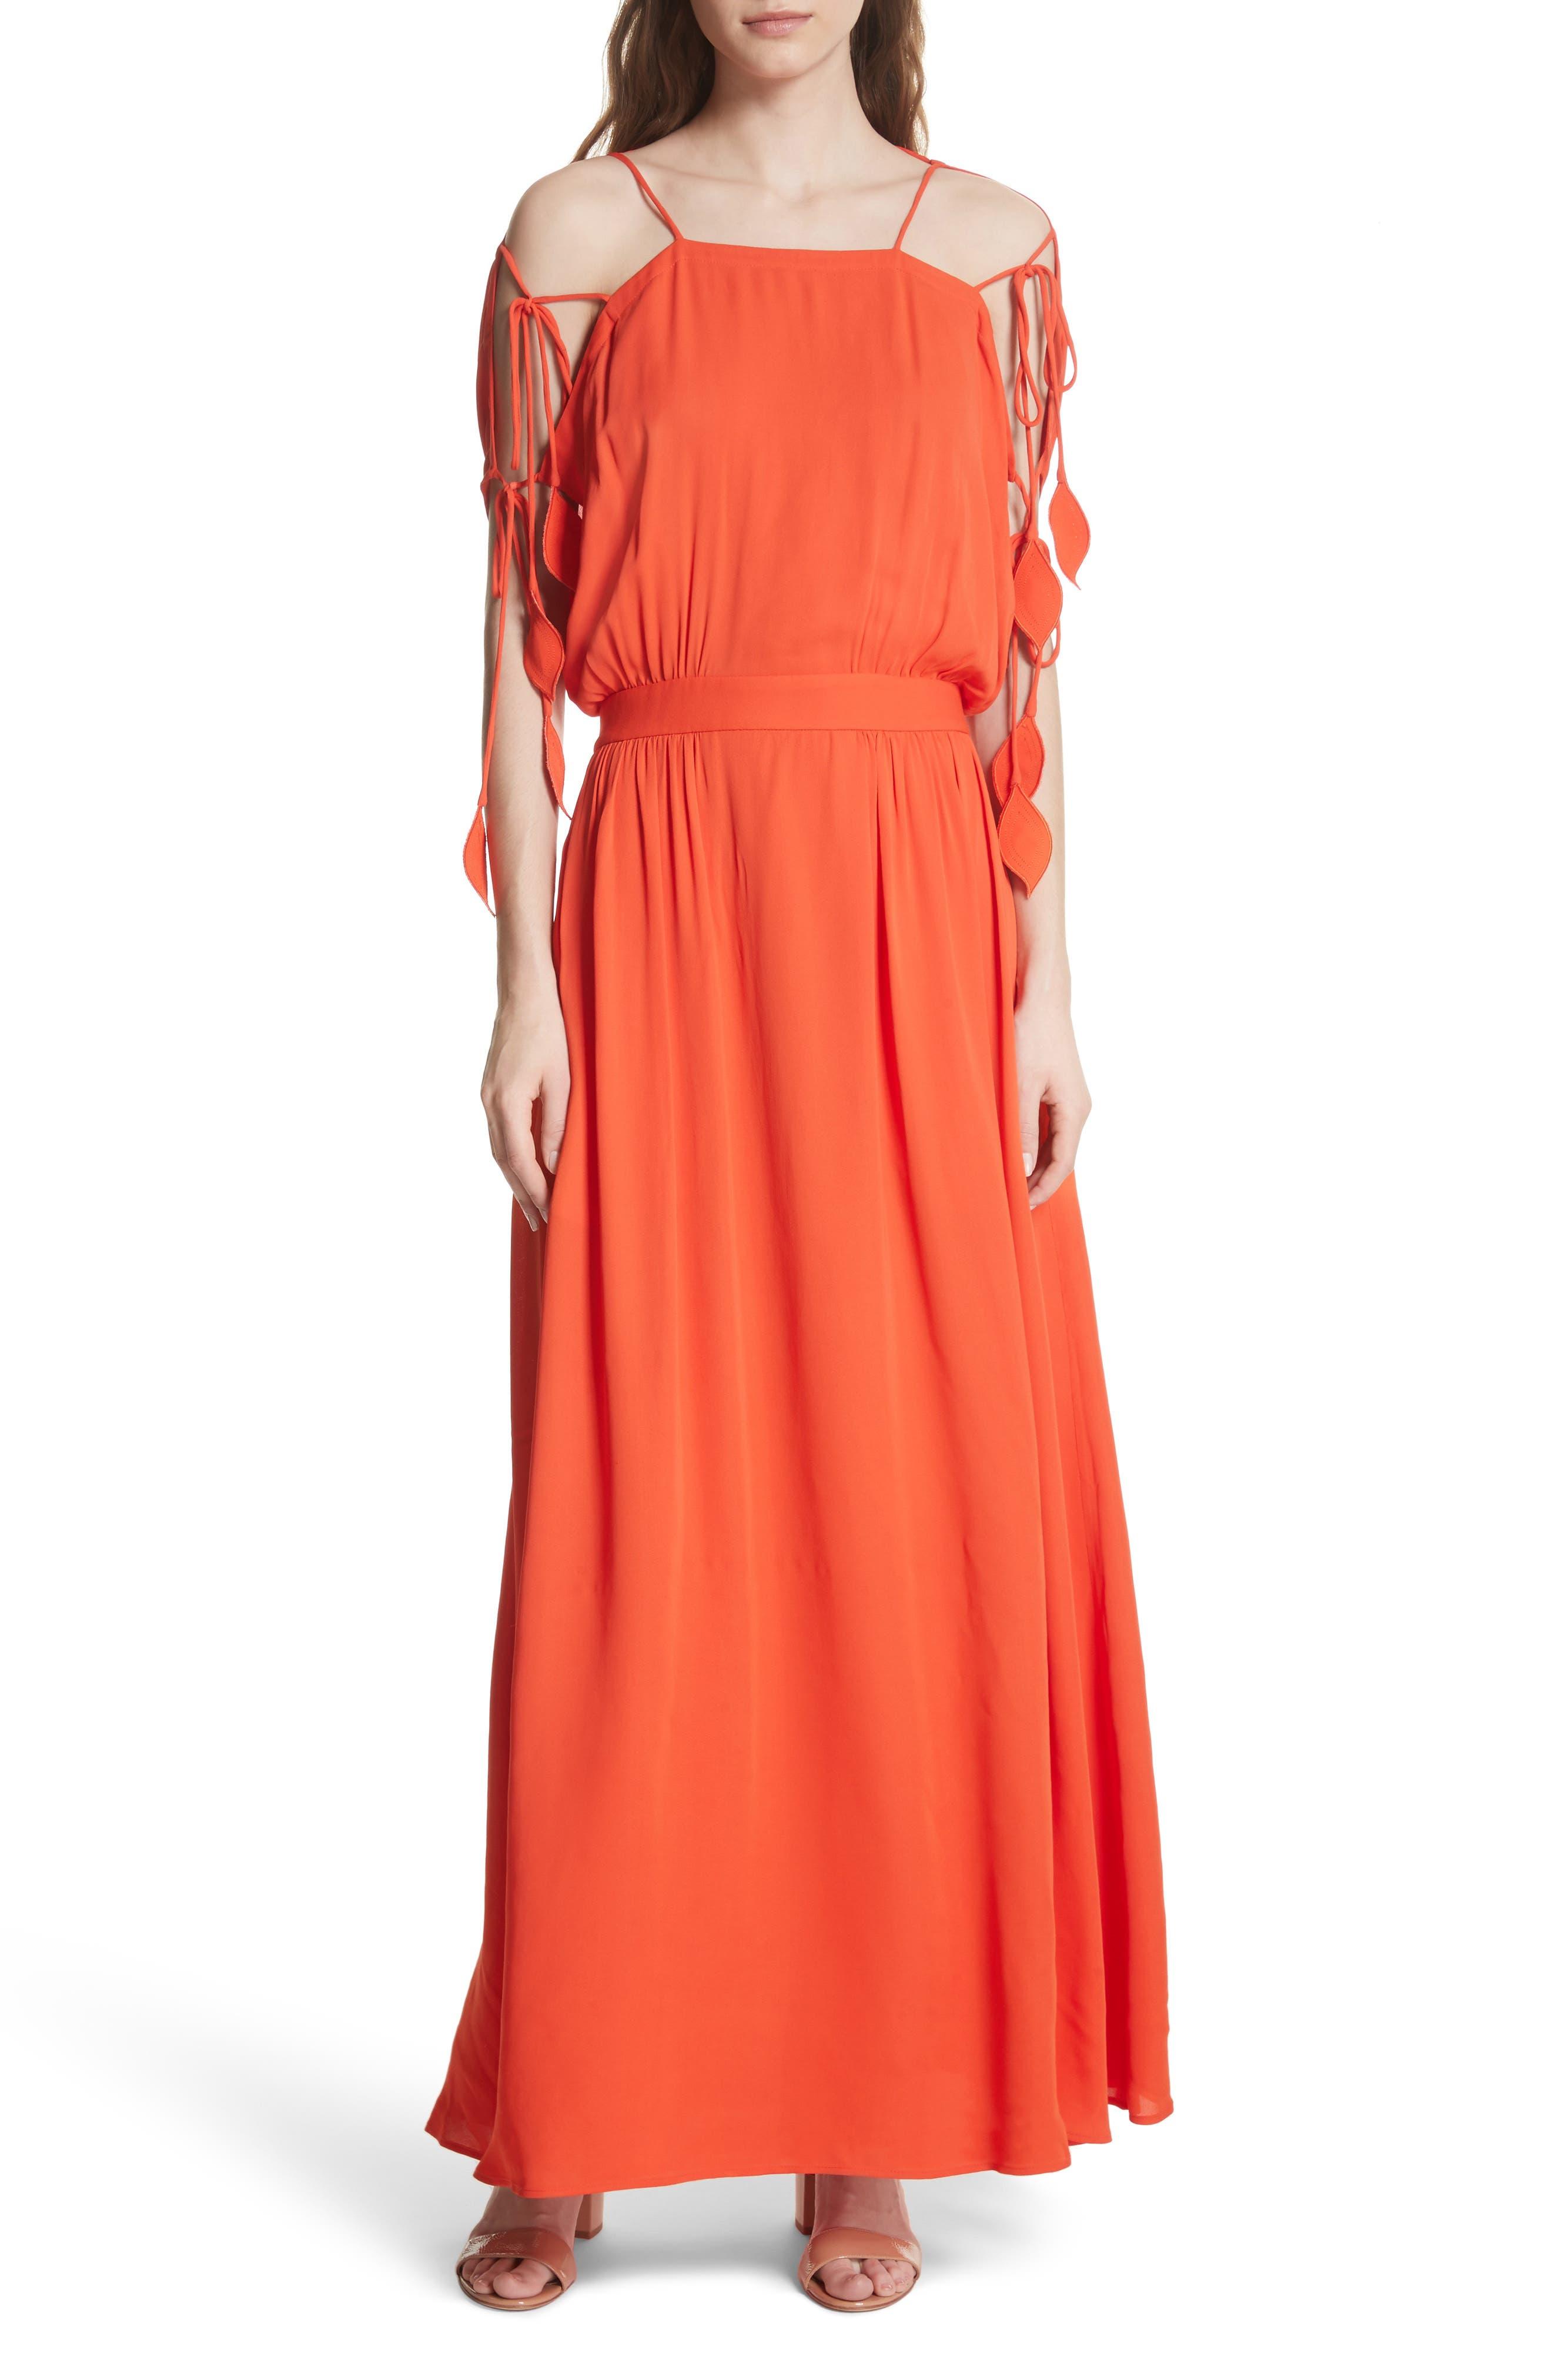 Evalene Maxi Dress,                             Main thumbnail 1, color,                             614